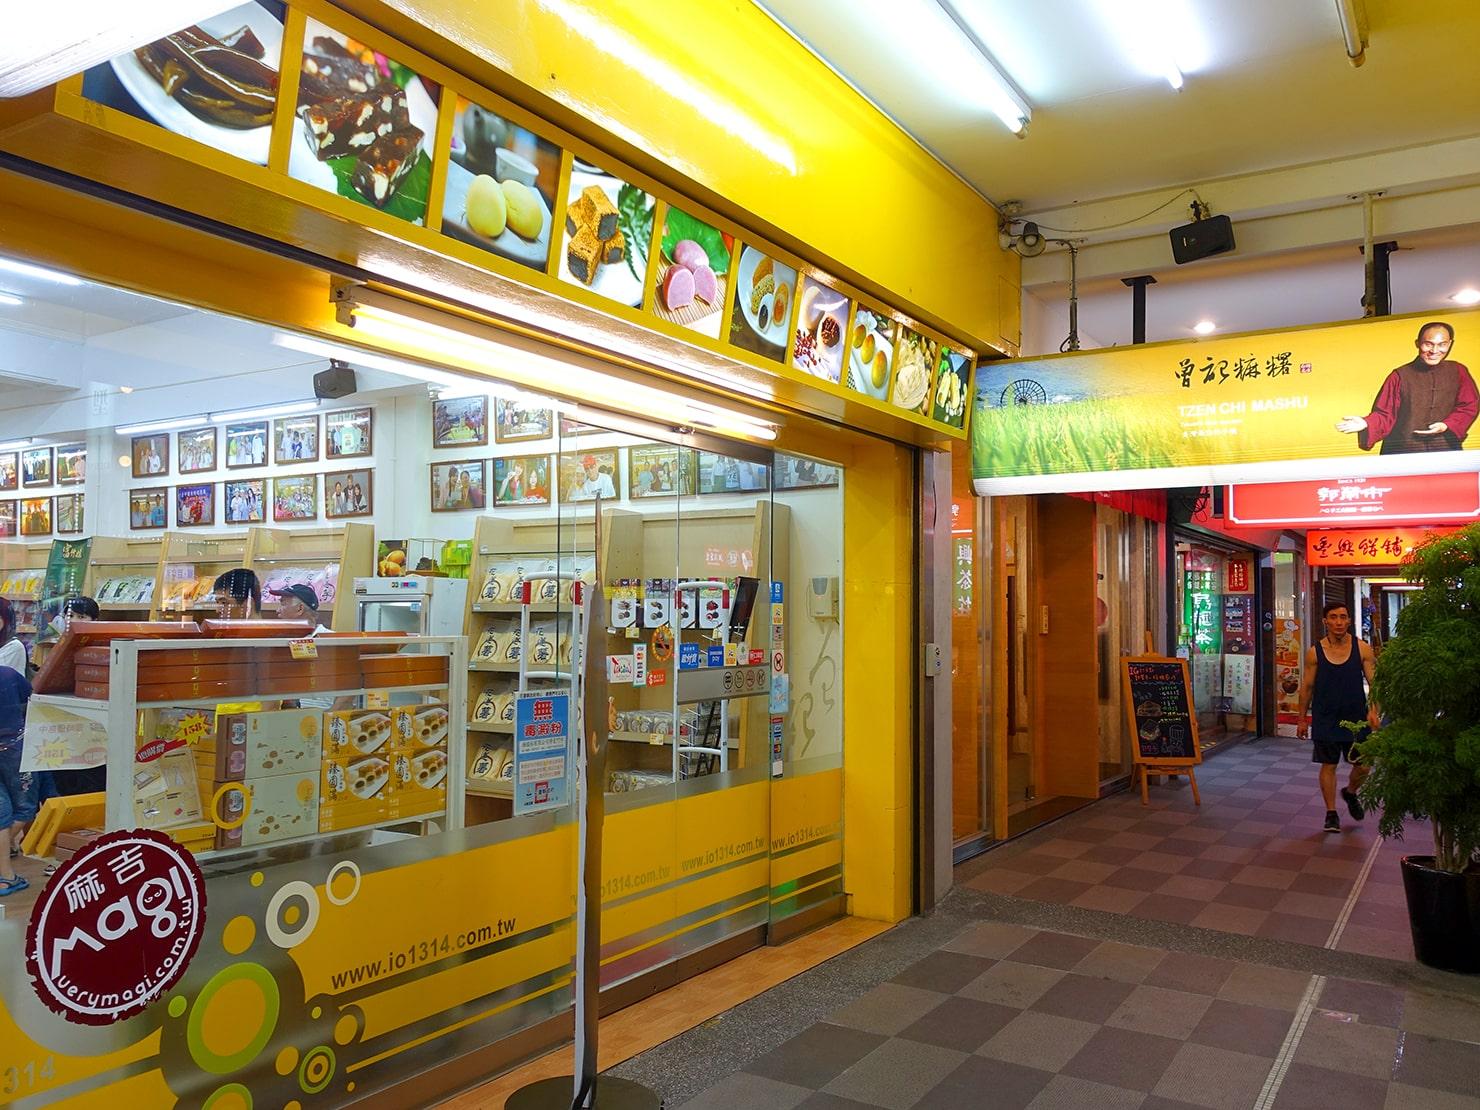 台湾・花蓮のおすすめ観光スポット「金三角商圈」のおみやげ店が並ぶ通り